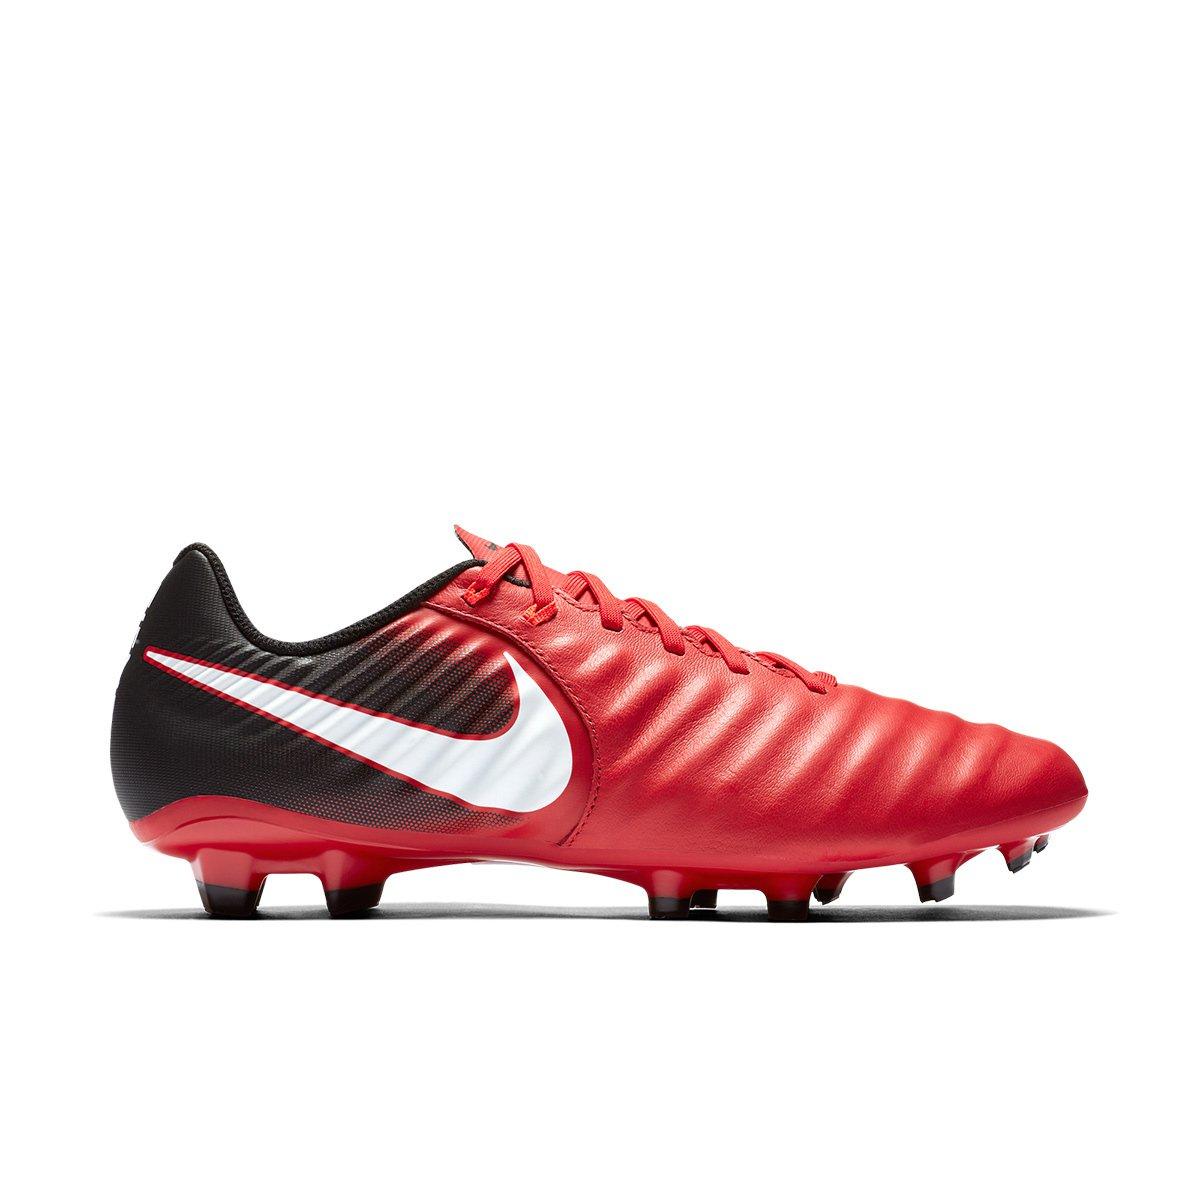 5918cf80e6 Chuteira Campo Nike Tiempo Ligera 4 FG - Vermelho e Branco - Compre ...